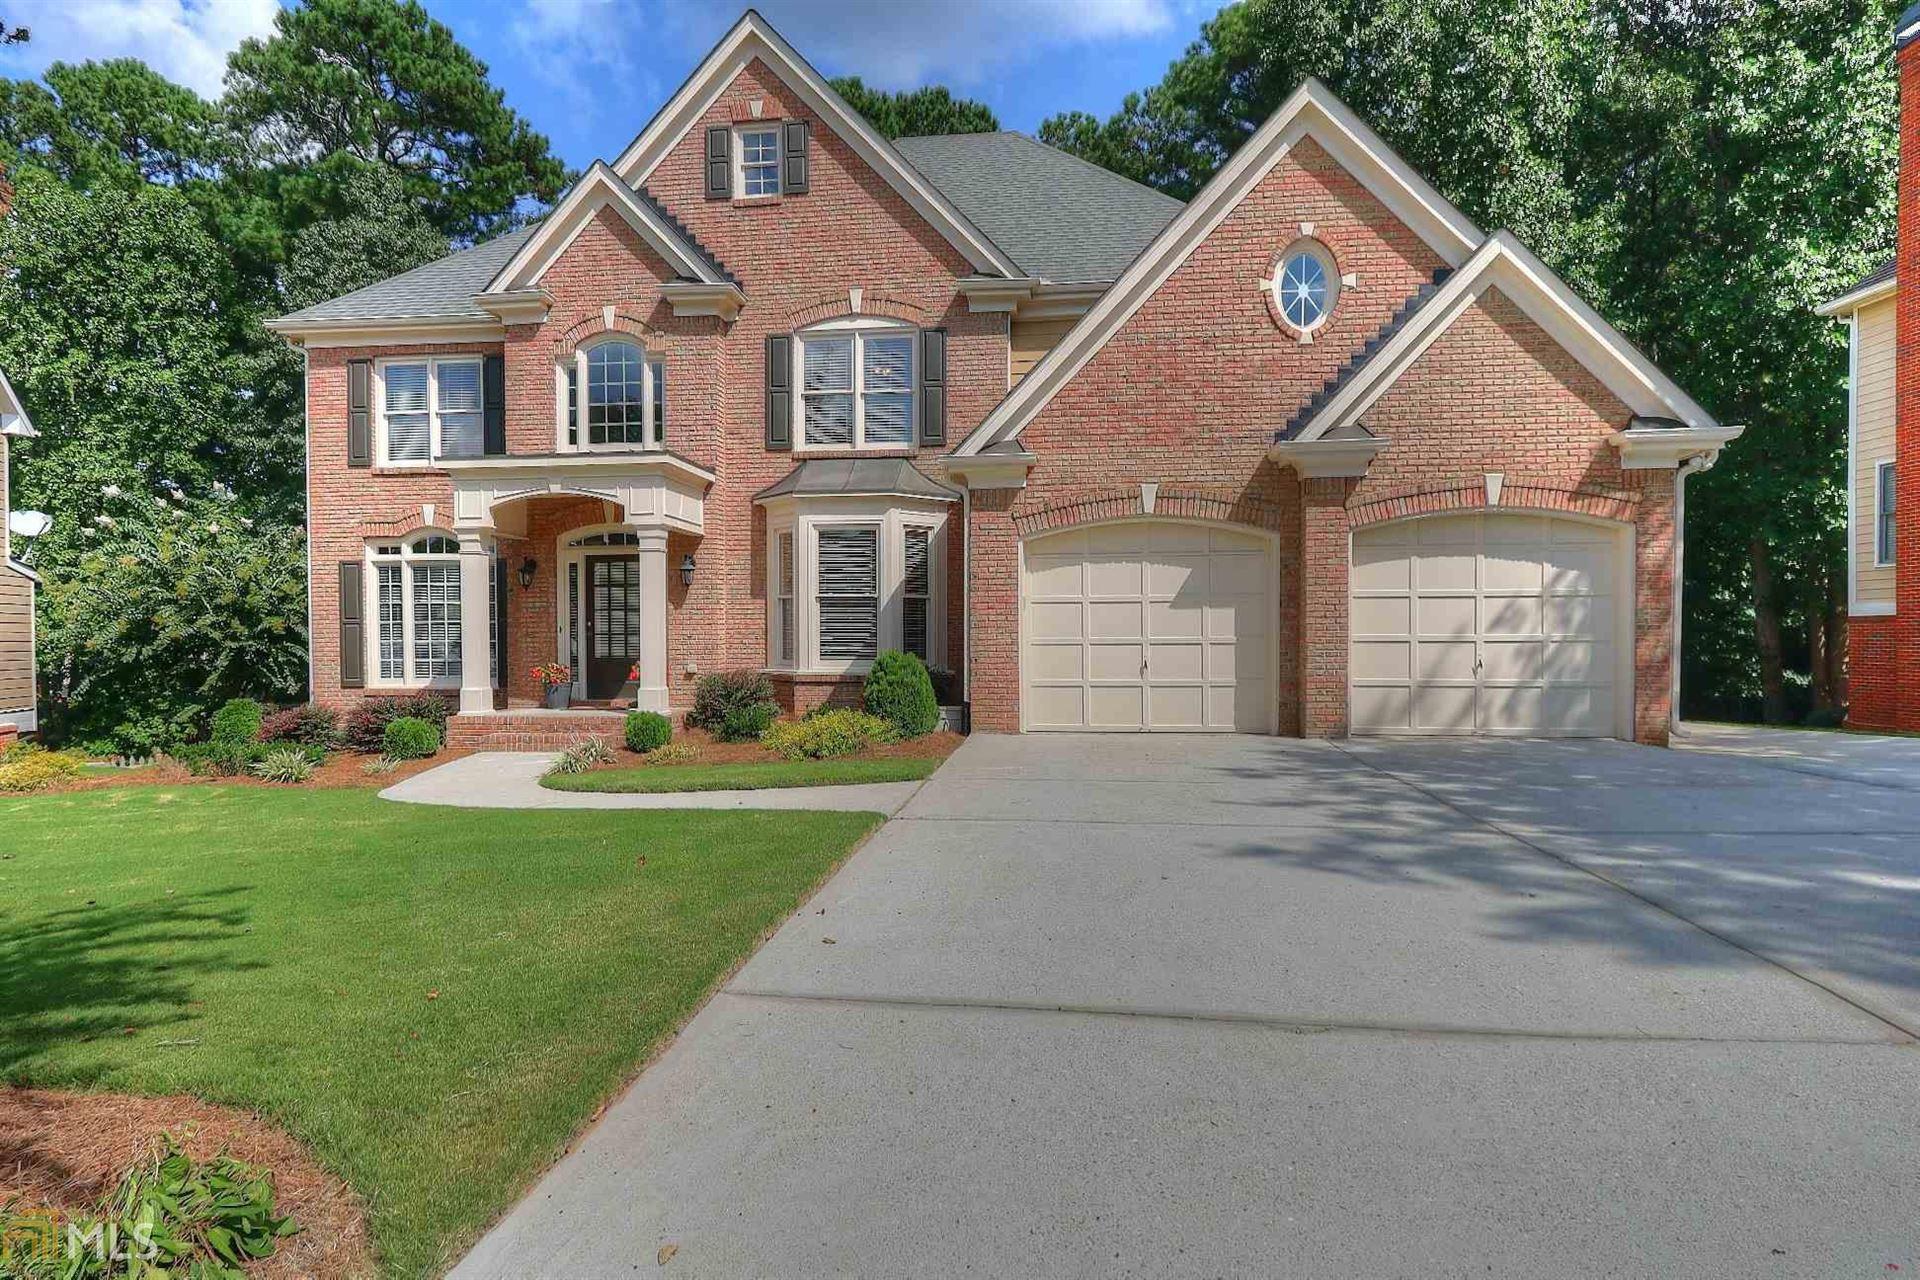 946 Great Pine Ln, Snellville, GA 30078 - MLS#: 8914300